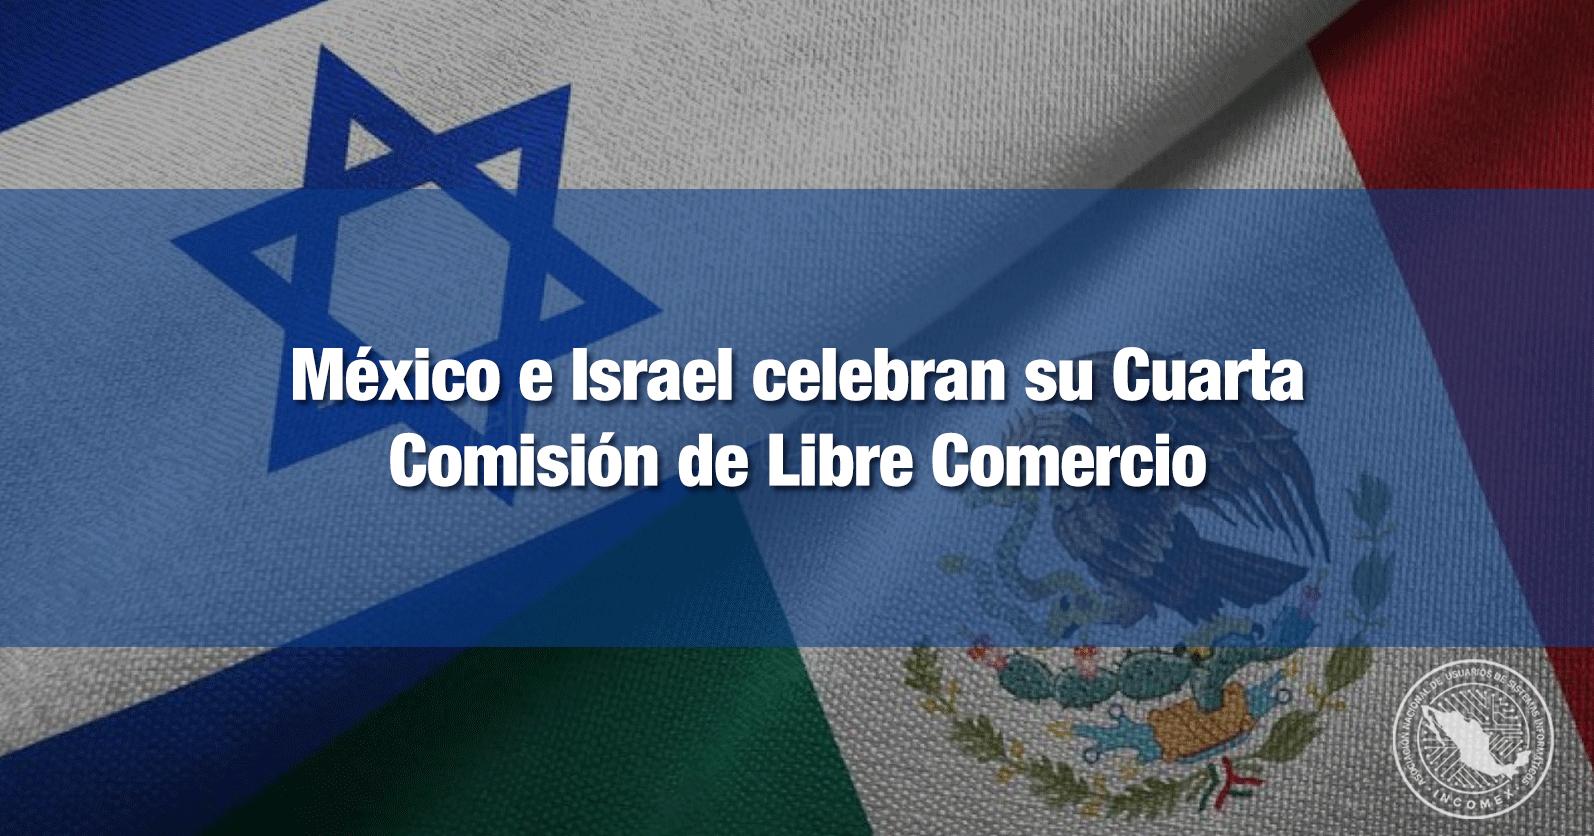 México e Israel celebran su Cuarta Comisión de Libre Comercio